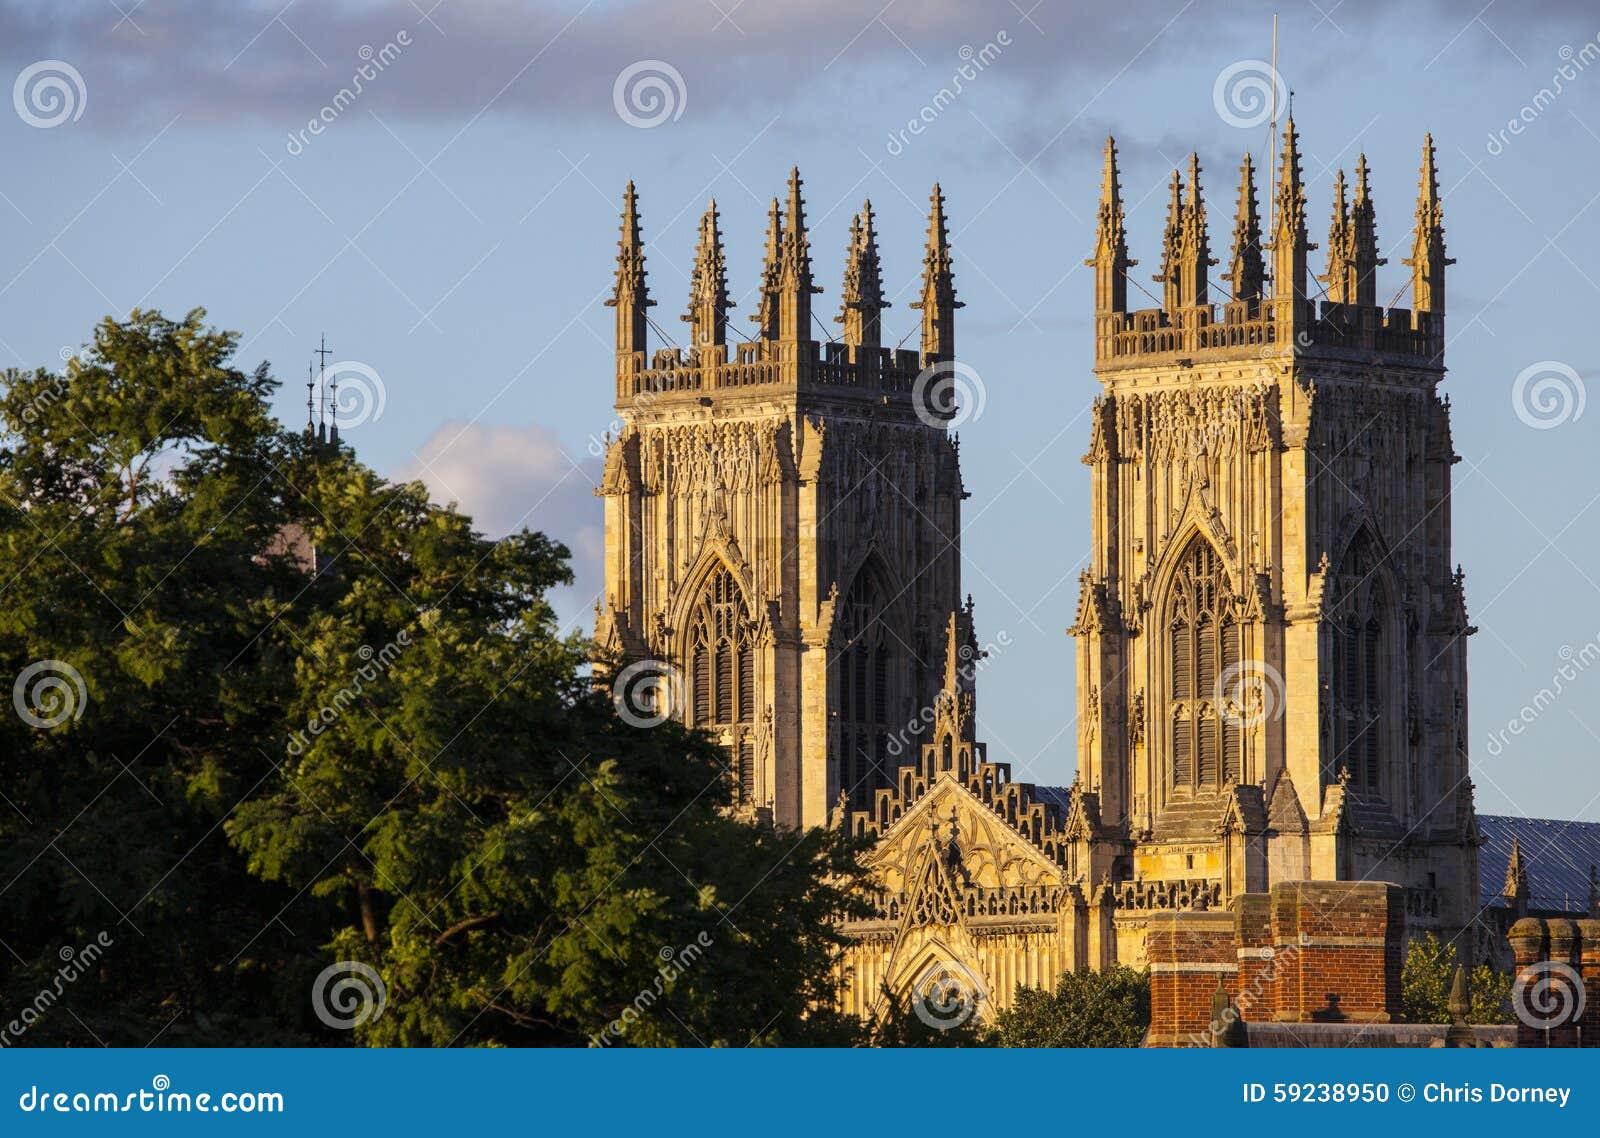 Download Iglesia De Monasterio De York Foto de archivo - Imagen de señal, diócesis: 59238950